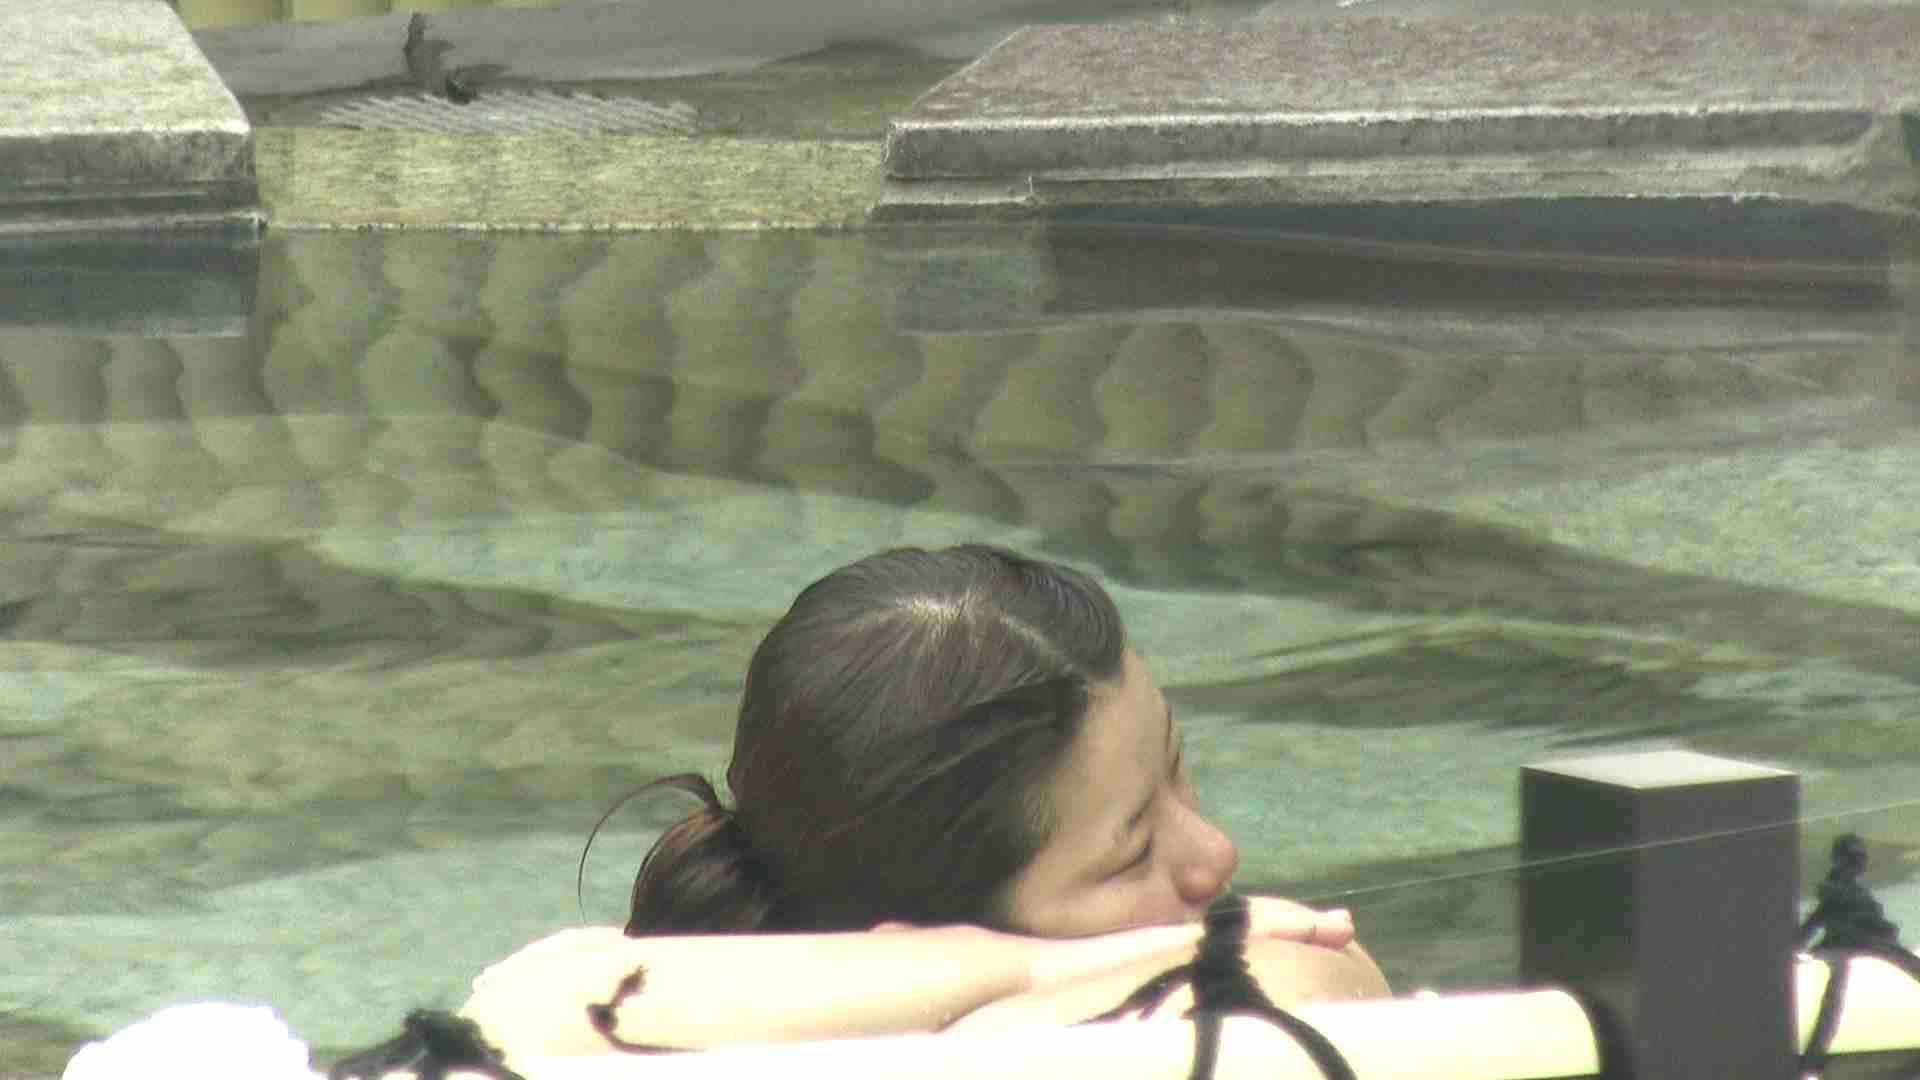 Aquaな露天風呂Vol.19【VIP】 美しいOLの裸体   盗撮師作品  106pic 43